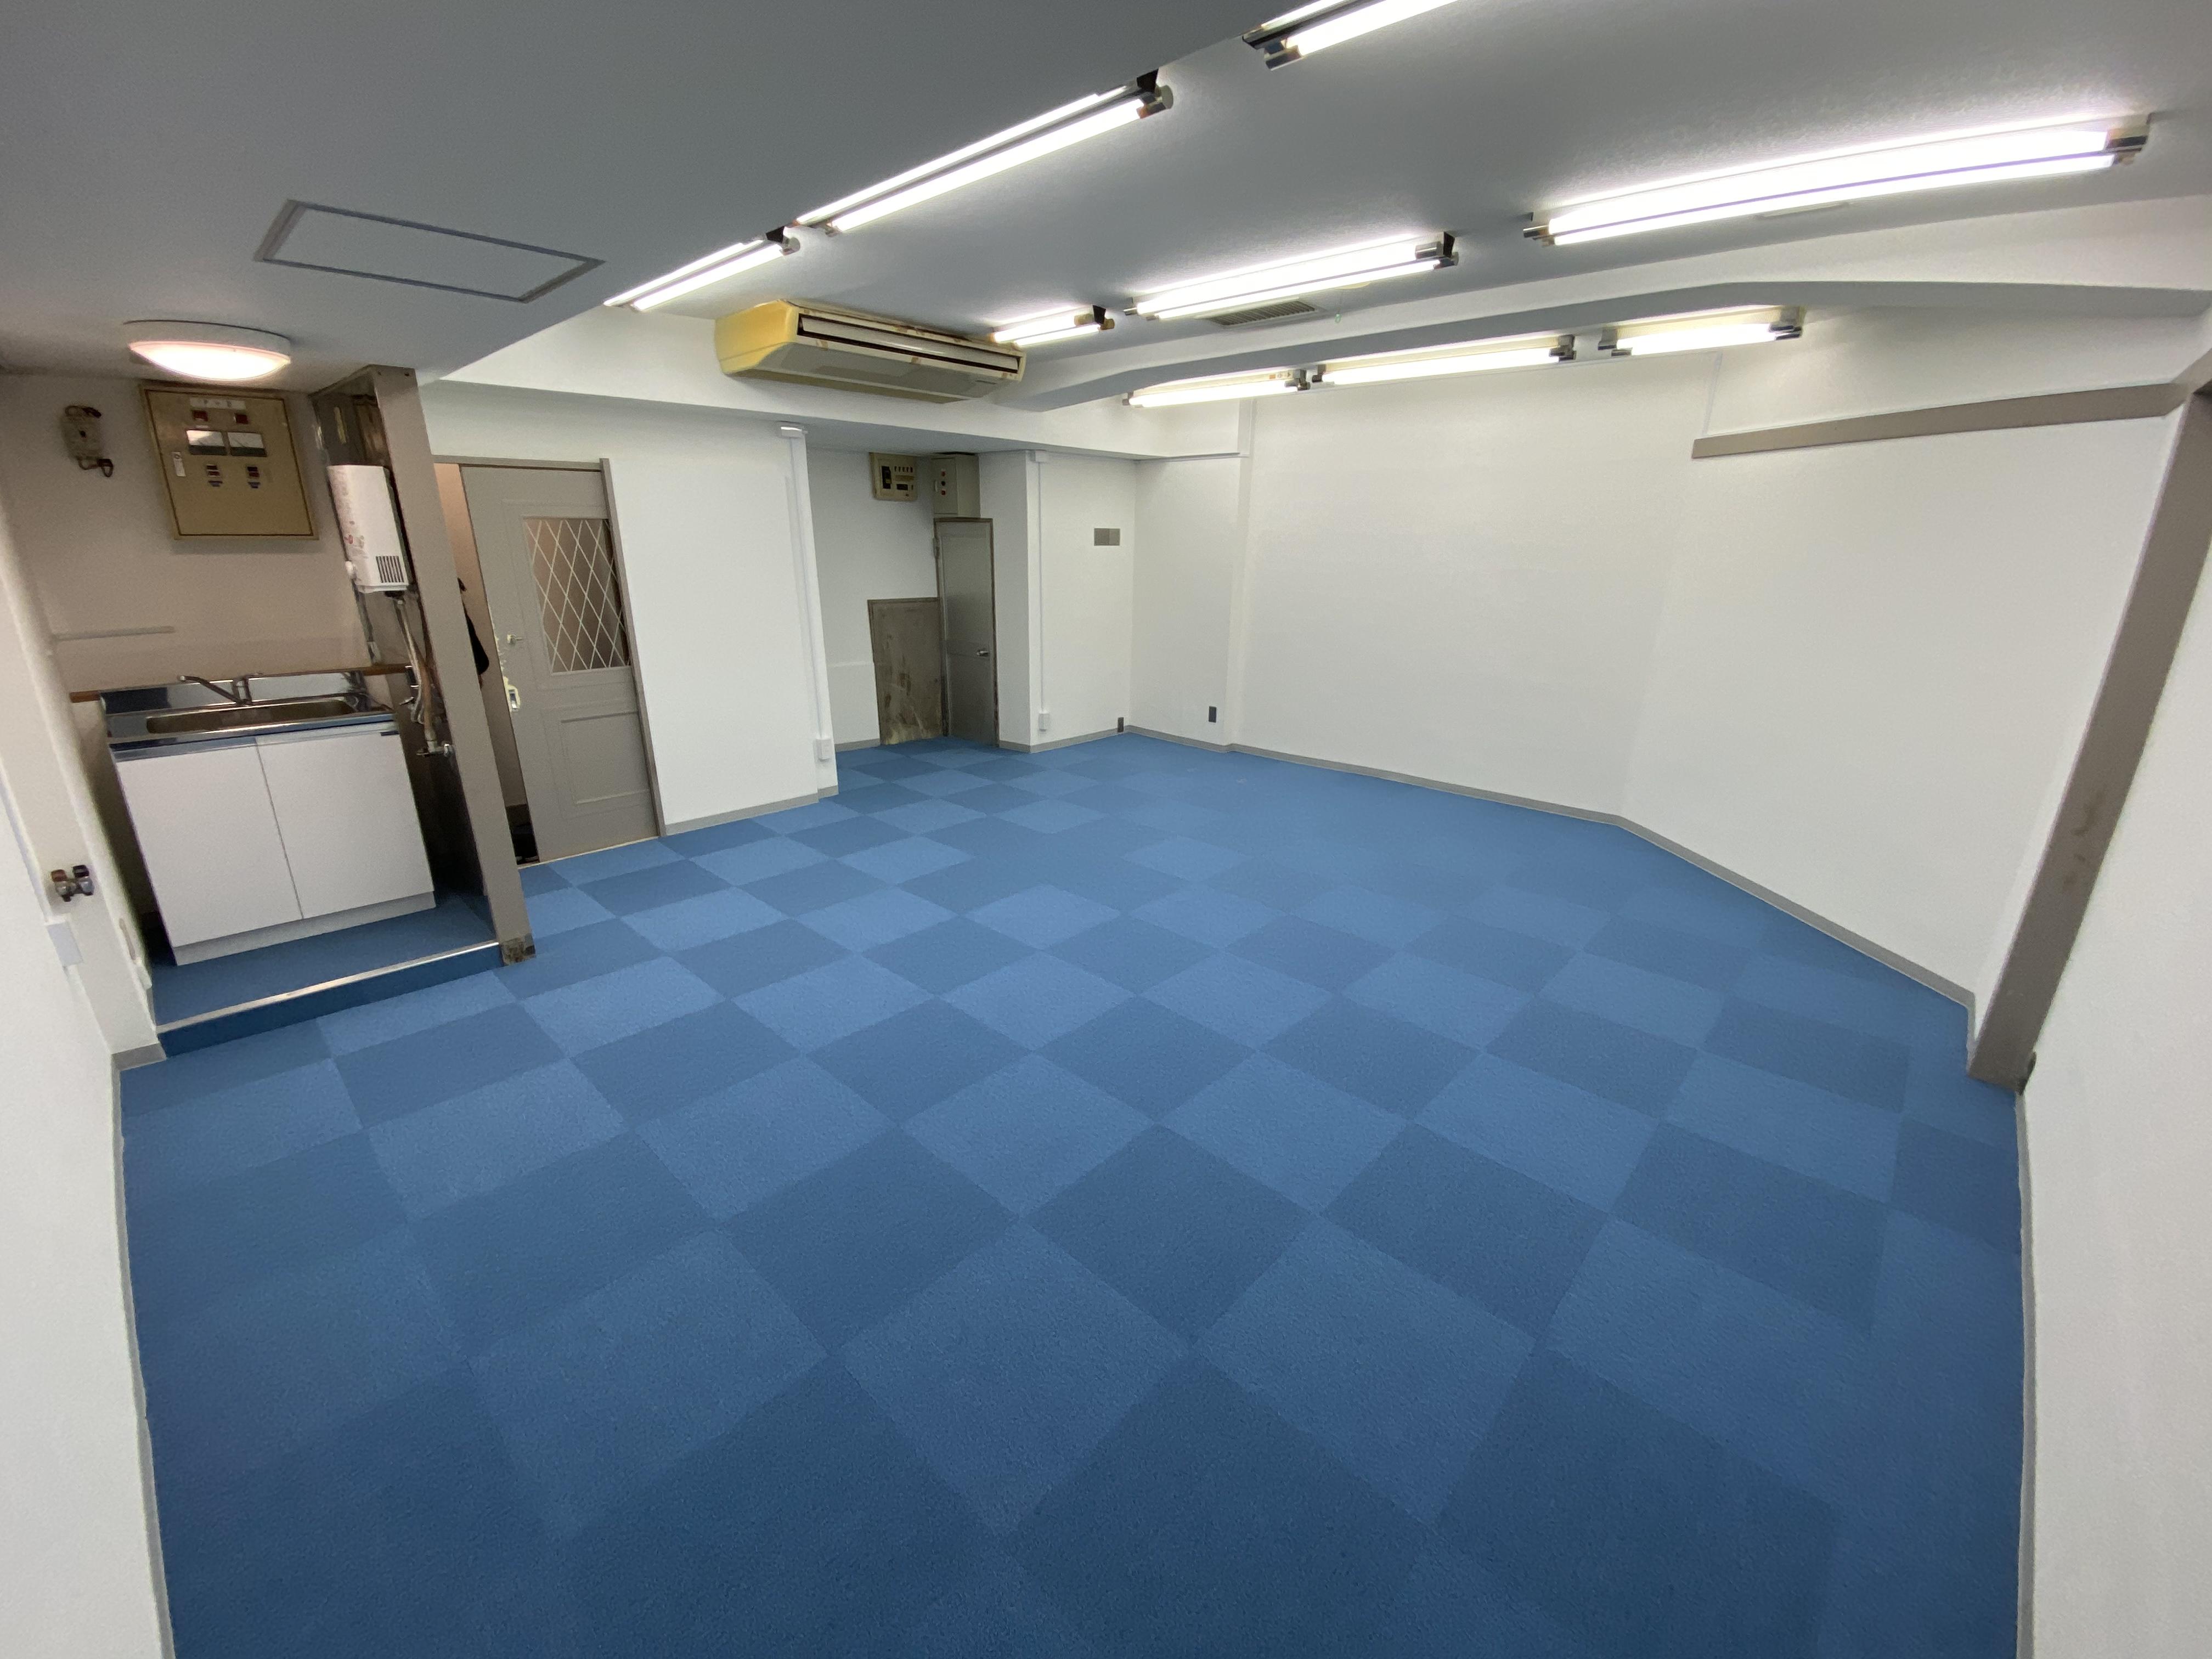 ダンス可能!広々スペース! - ブルースペース上野御徒町 貸し会議室の室内の写真